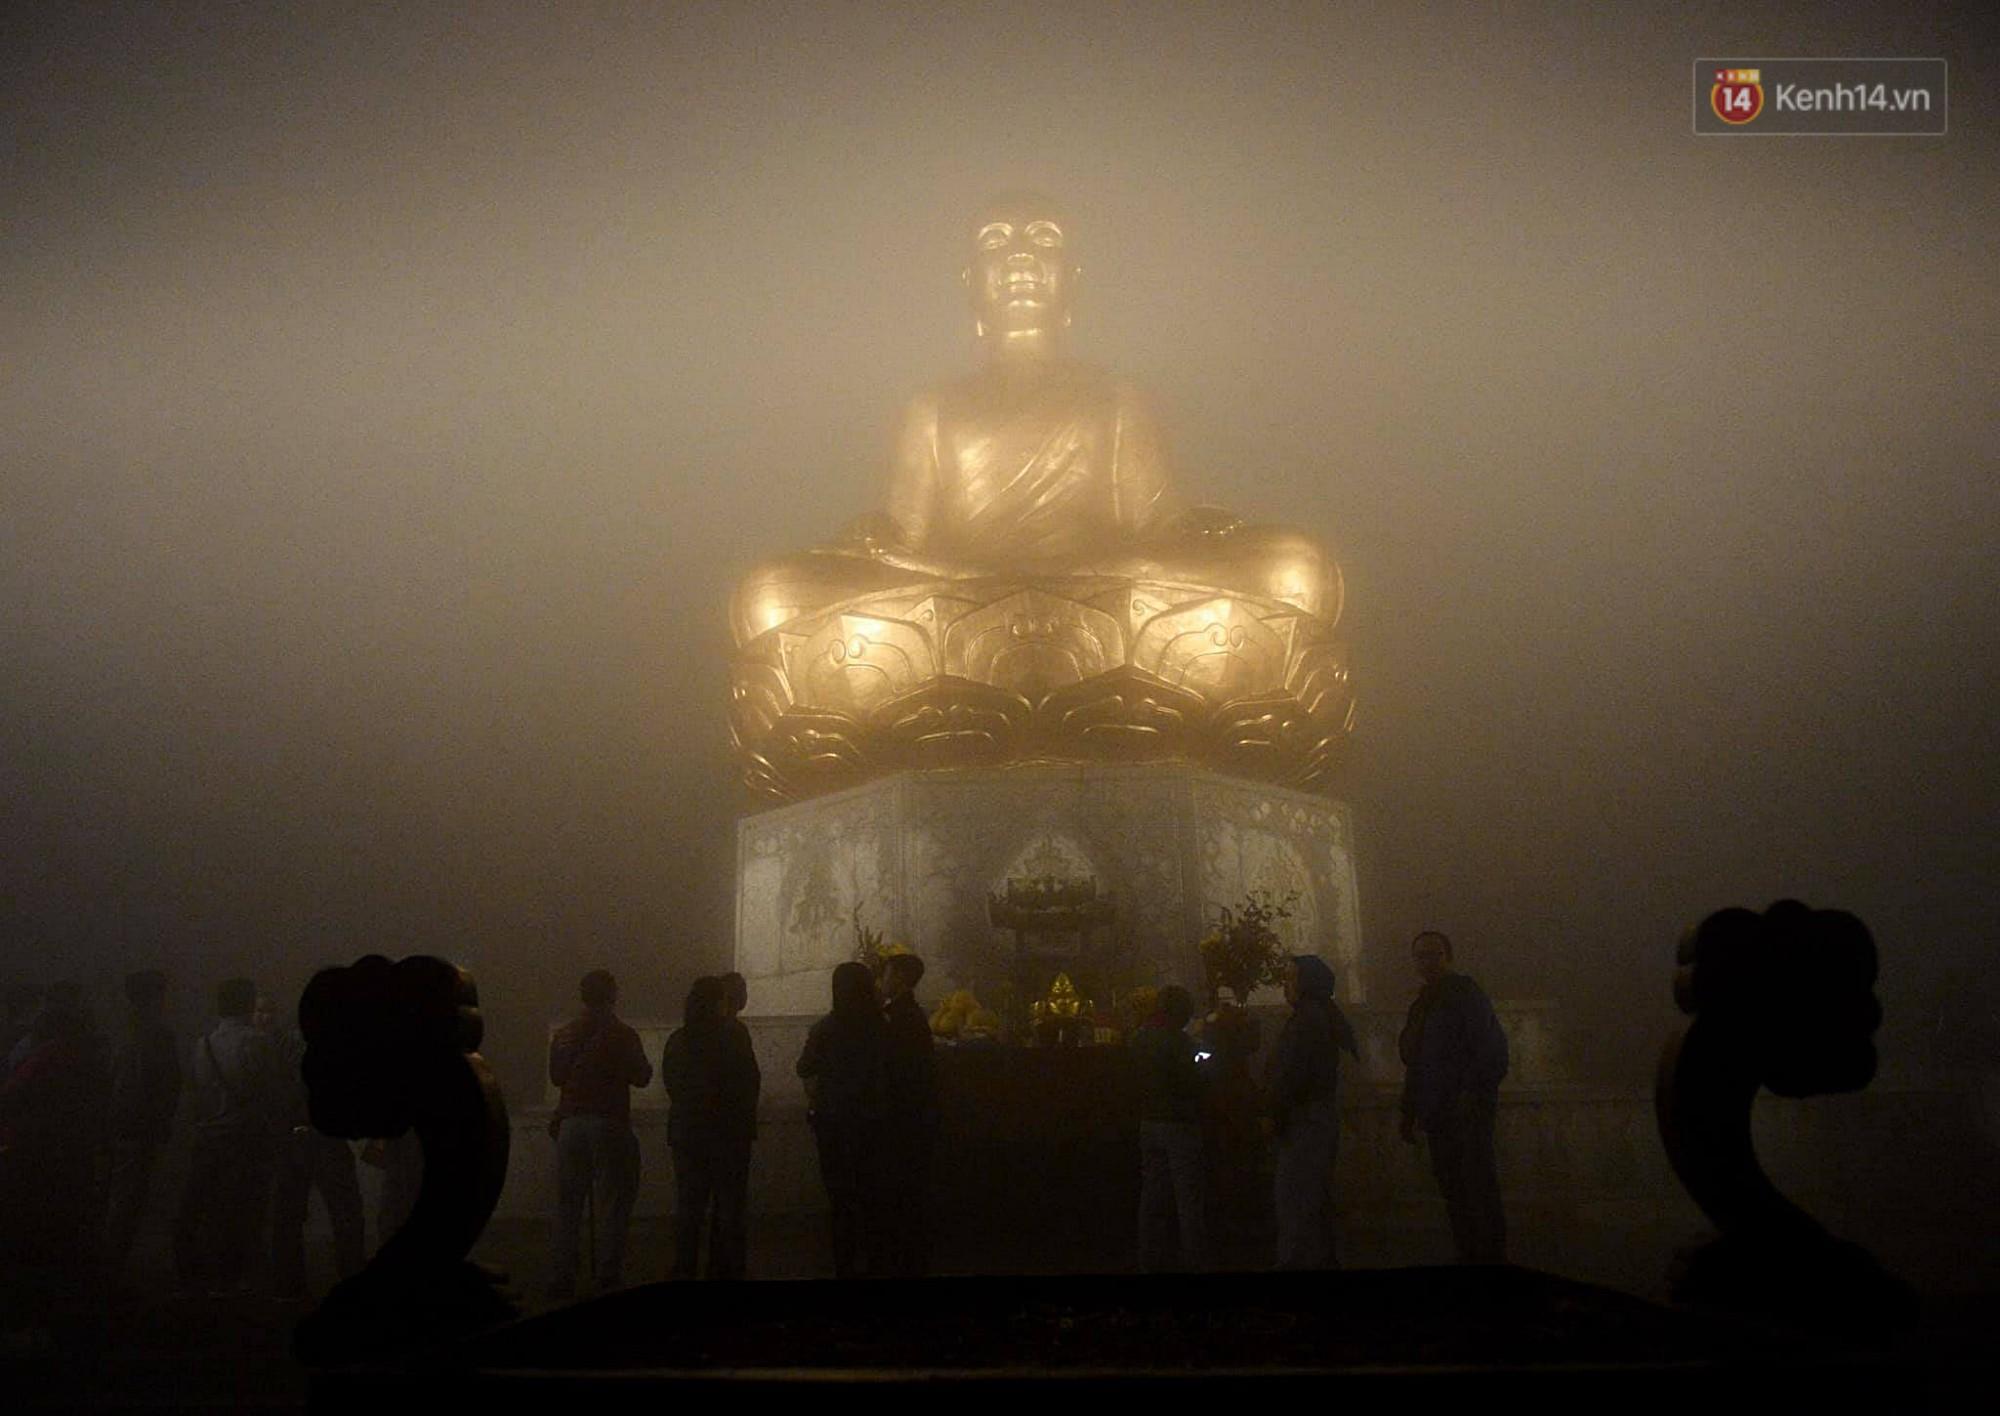 Hàng ngàn người dân đội mưa phùn trong giá rét, hành hương lên đỉnh Yên Tử trong đêm-13